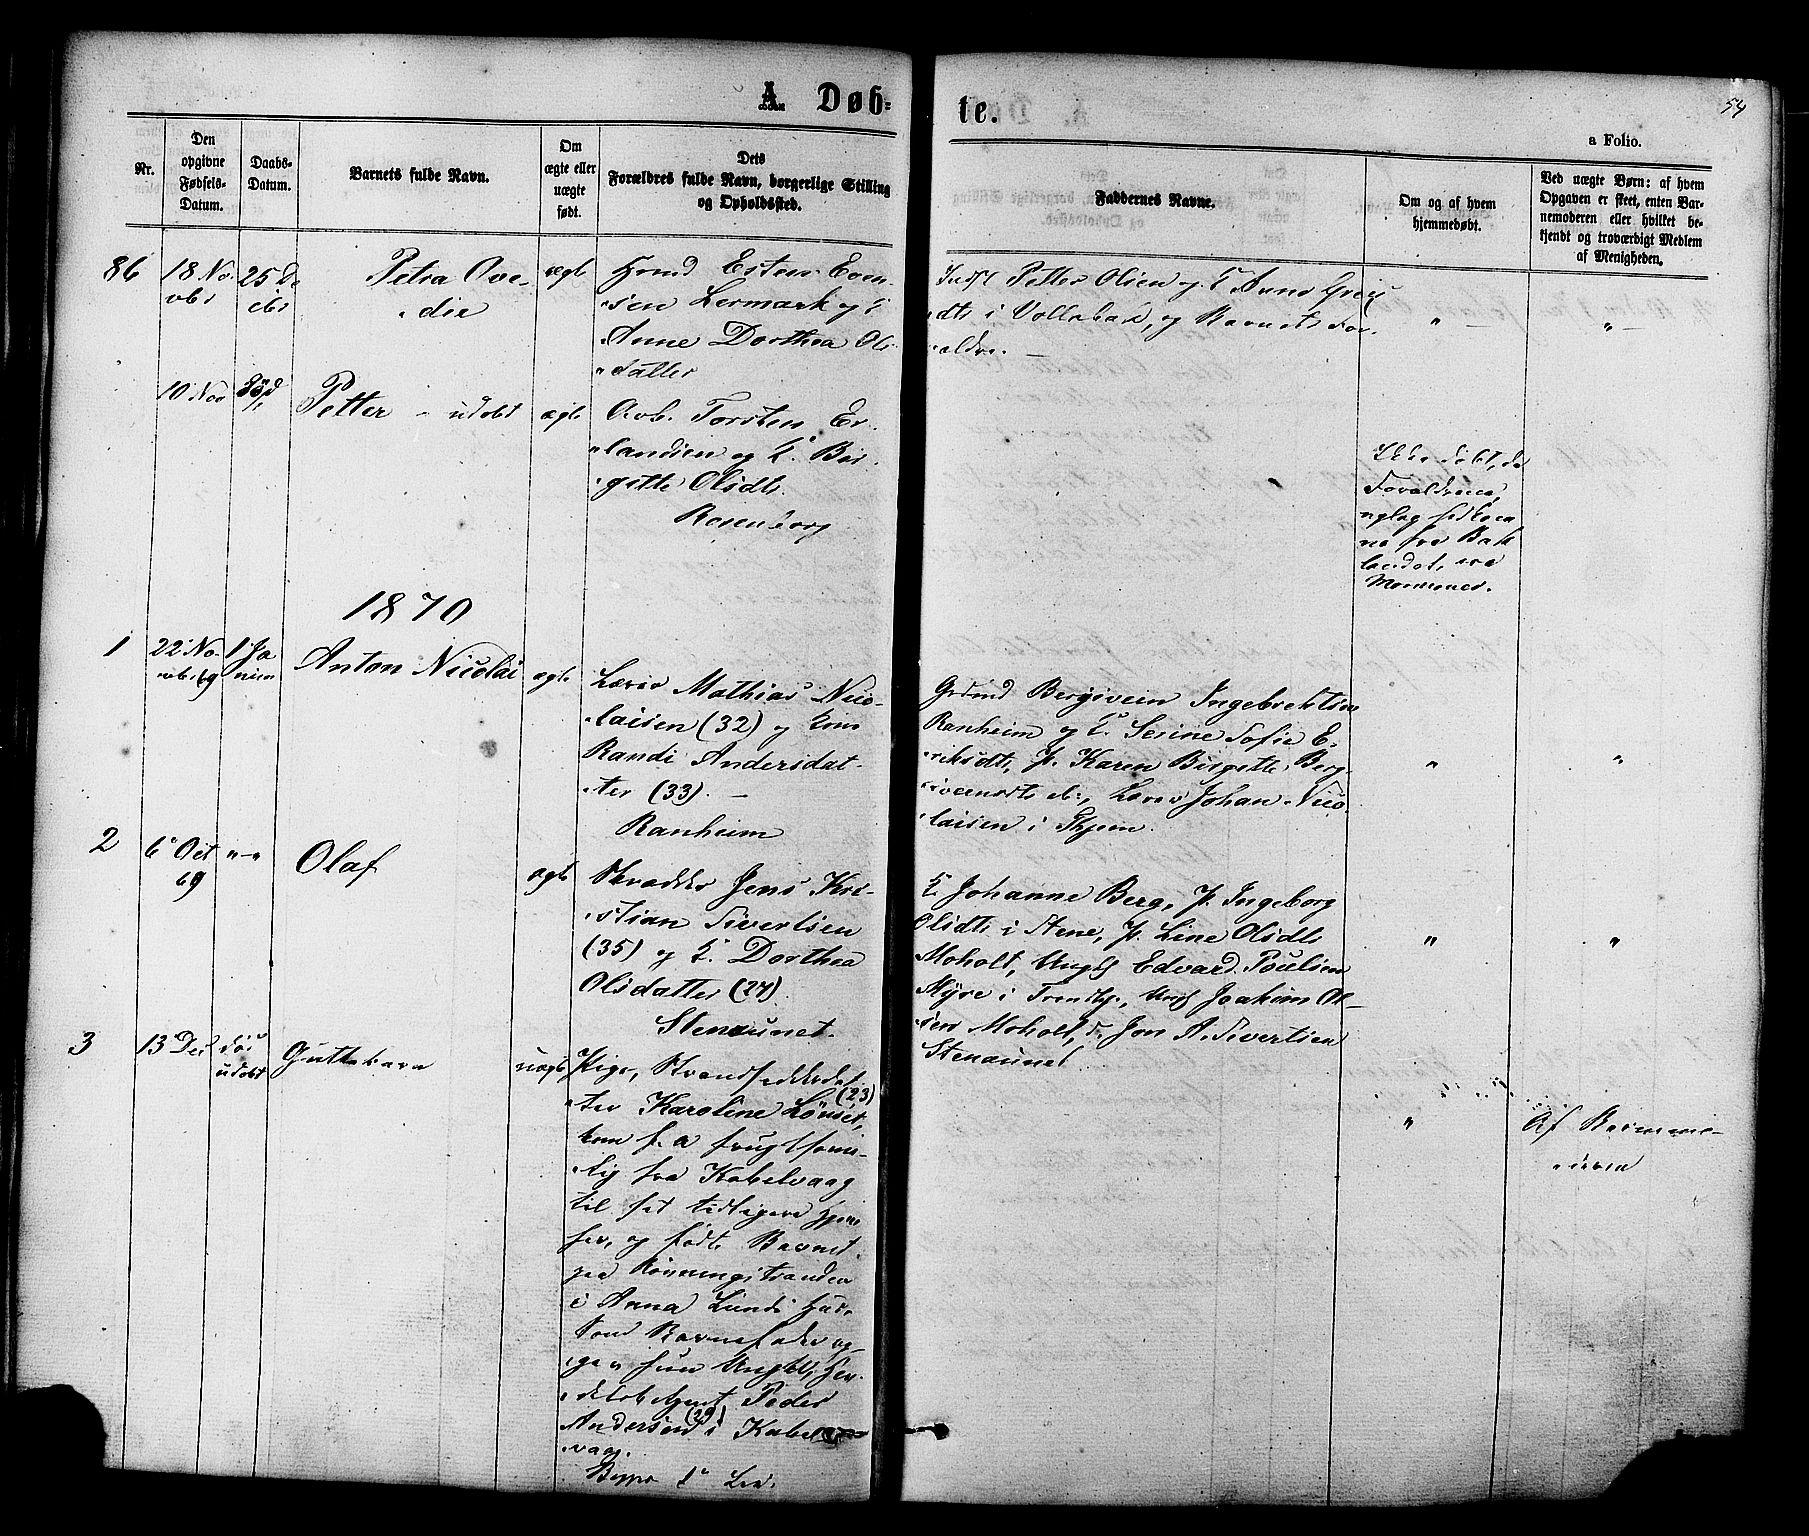 SAT, Ministerialprotokoller, klokkerbøker og fødselsregistre - Sør-Trøndelag, 606/L0293: Ministerialbok nr. 606A08, 1866-1877, s. 54